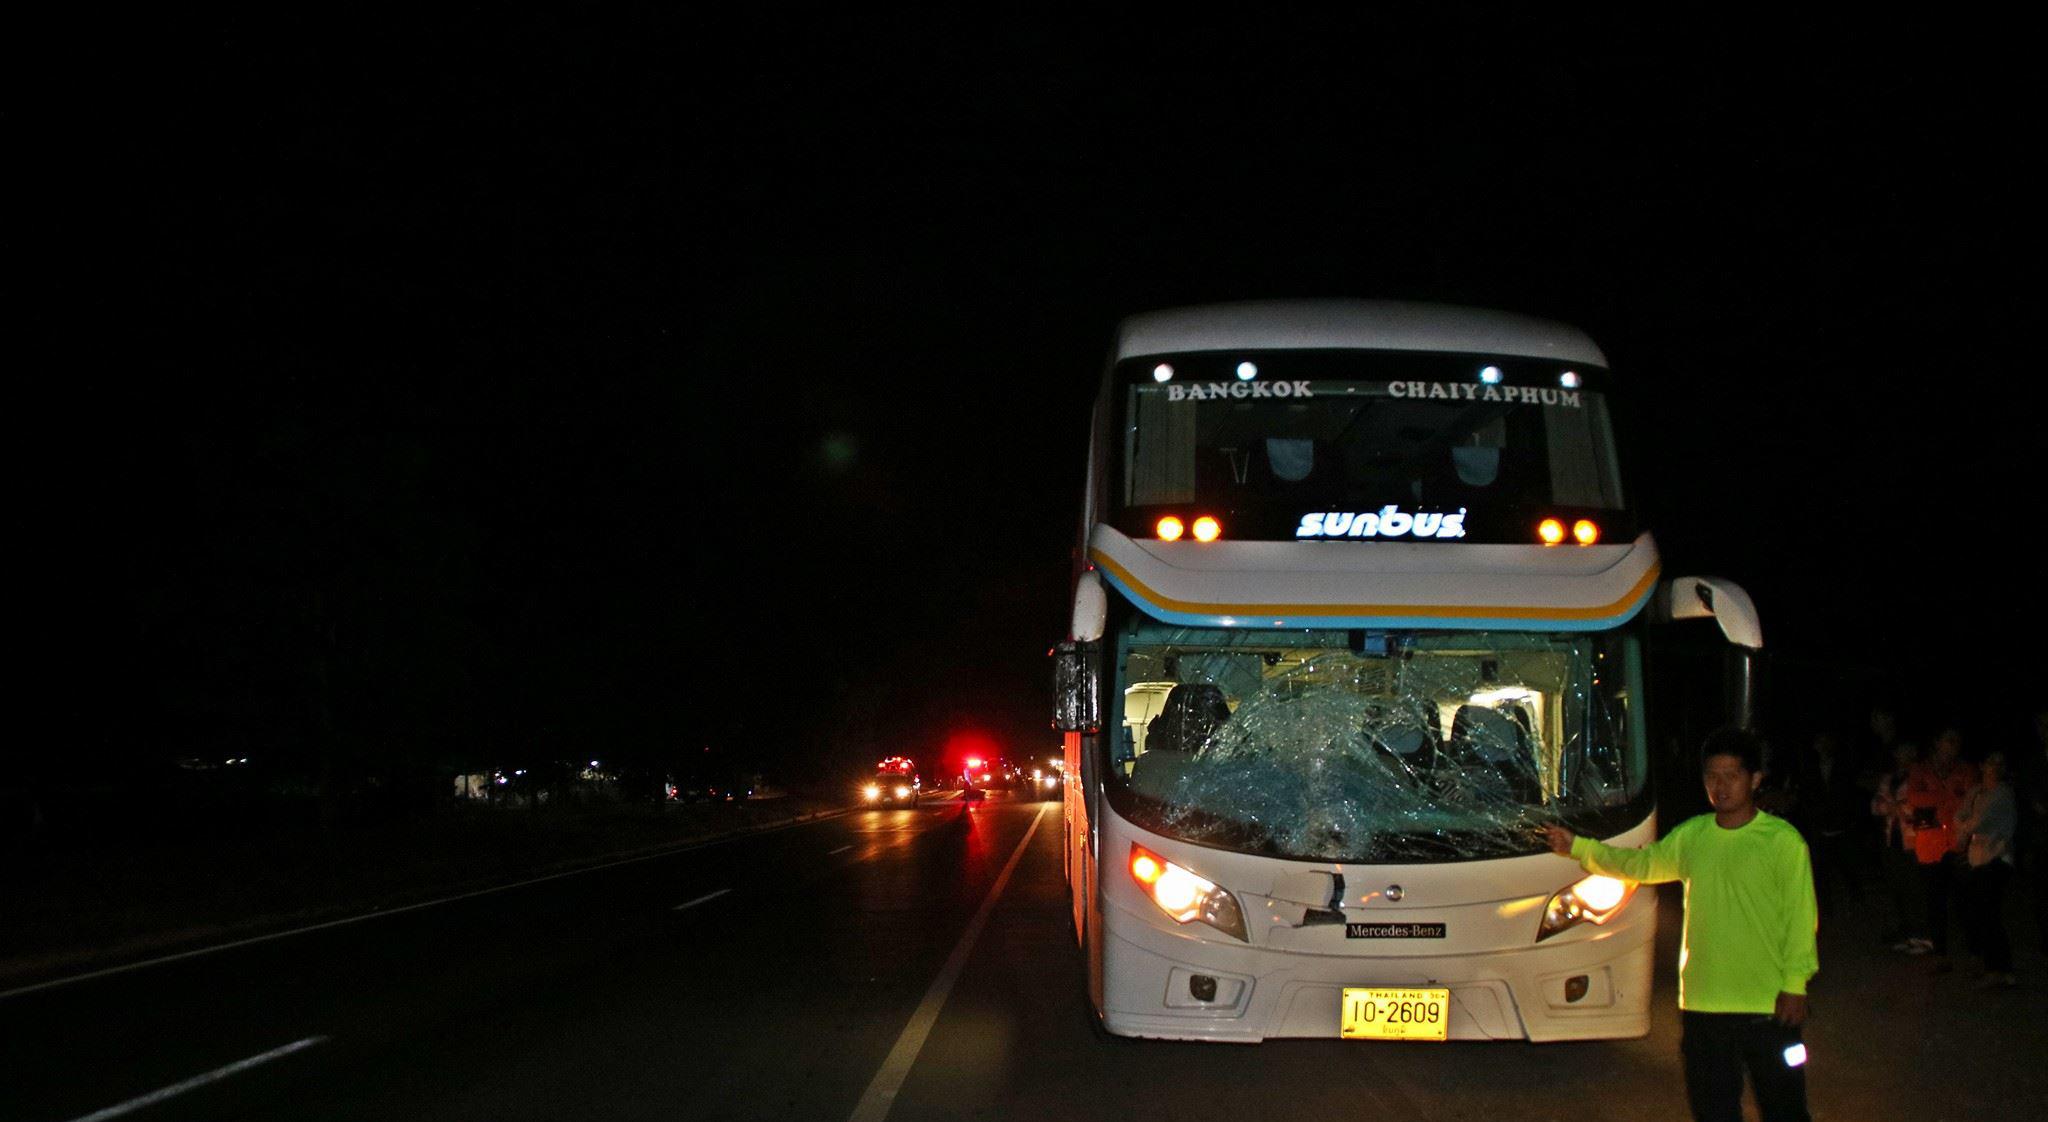 【マグロ拾い】バスに轢かれて細かくちぎれた人間を一つずつ回収する簡単なお仕事紹介するよぉw ※グロ画像